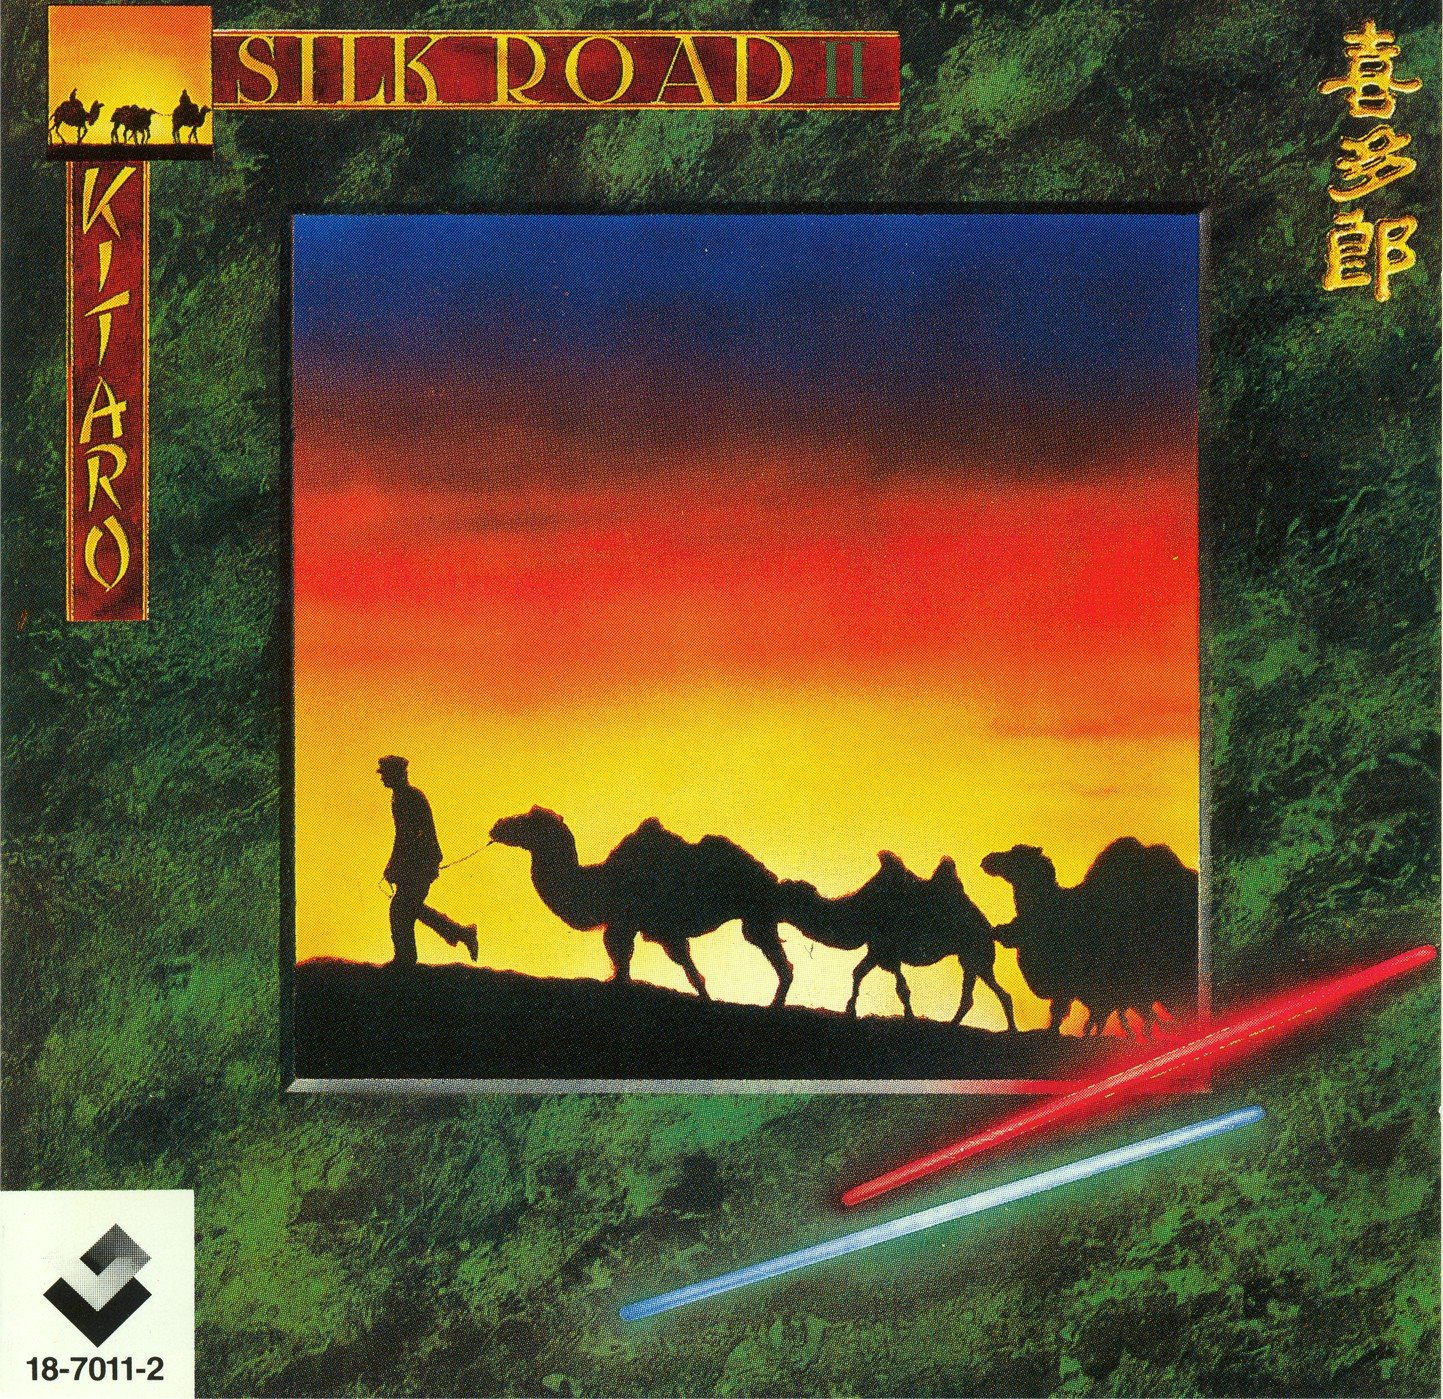 Kitaro Silk Road I